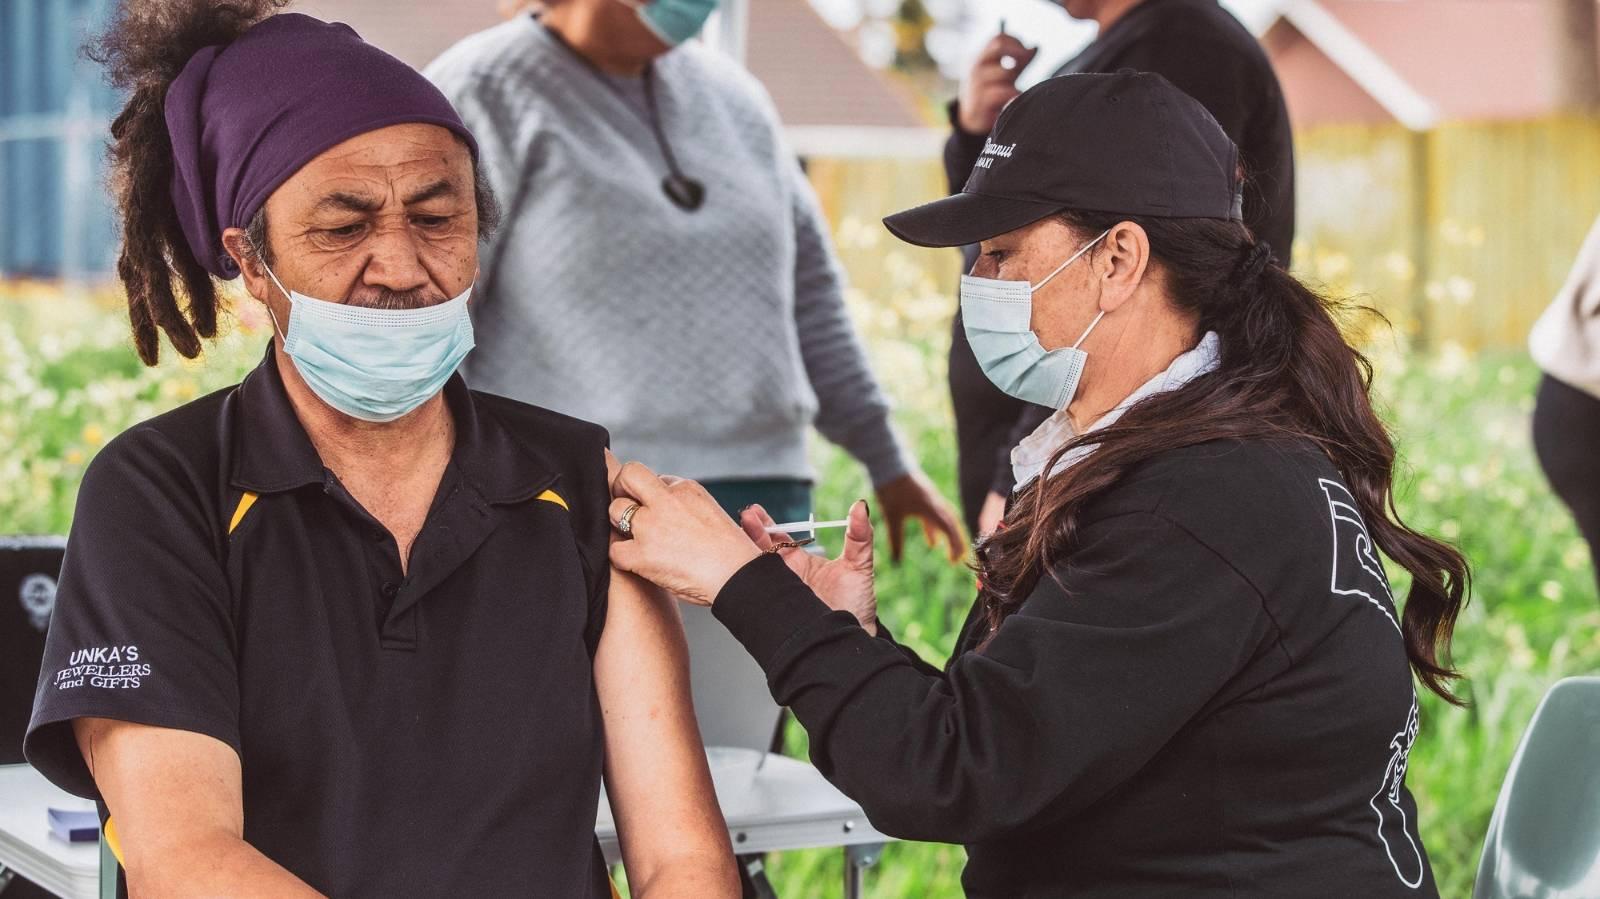 Iwi's door-to-door vaccinations a success